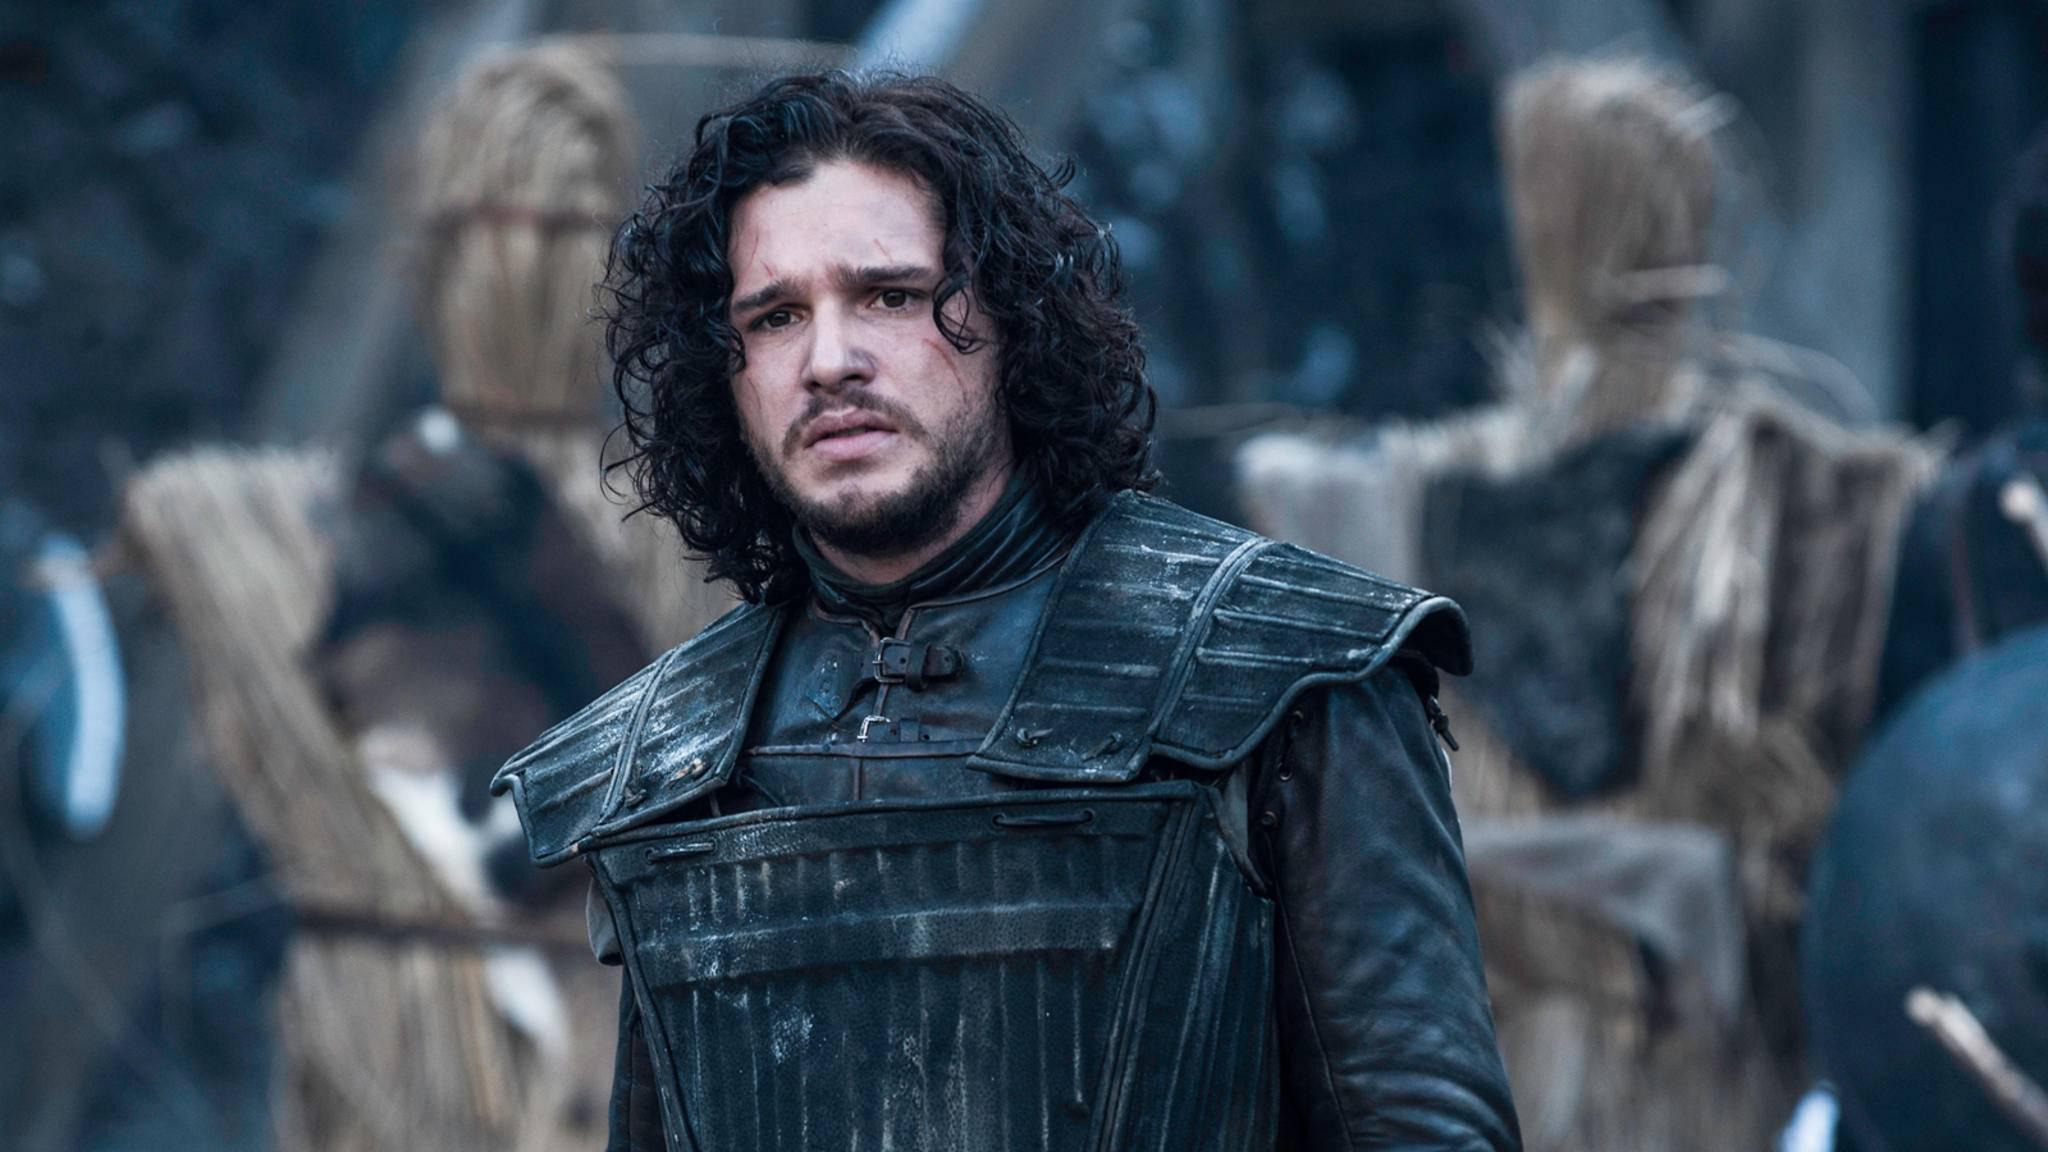 """Wie, HBO-Chef Plepler durfte schon """"Game of Thrones"""" gucken? Und was ist mit uns?!"""